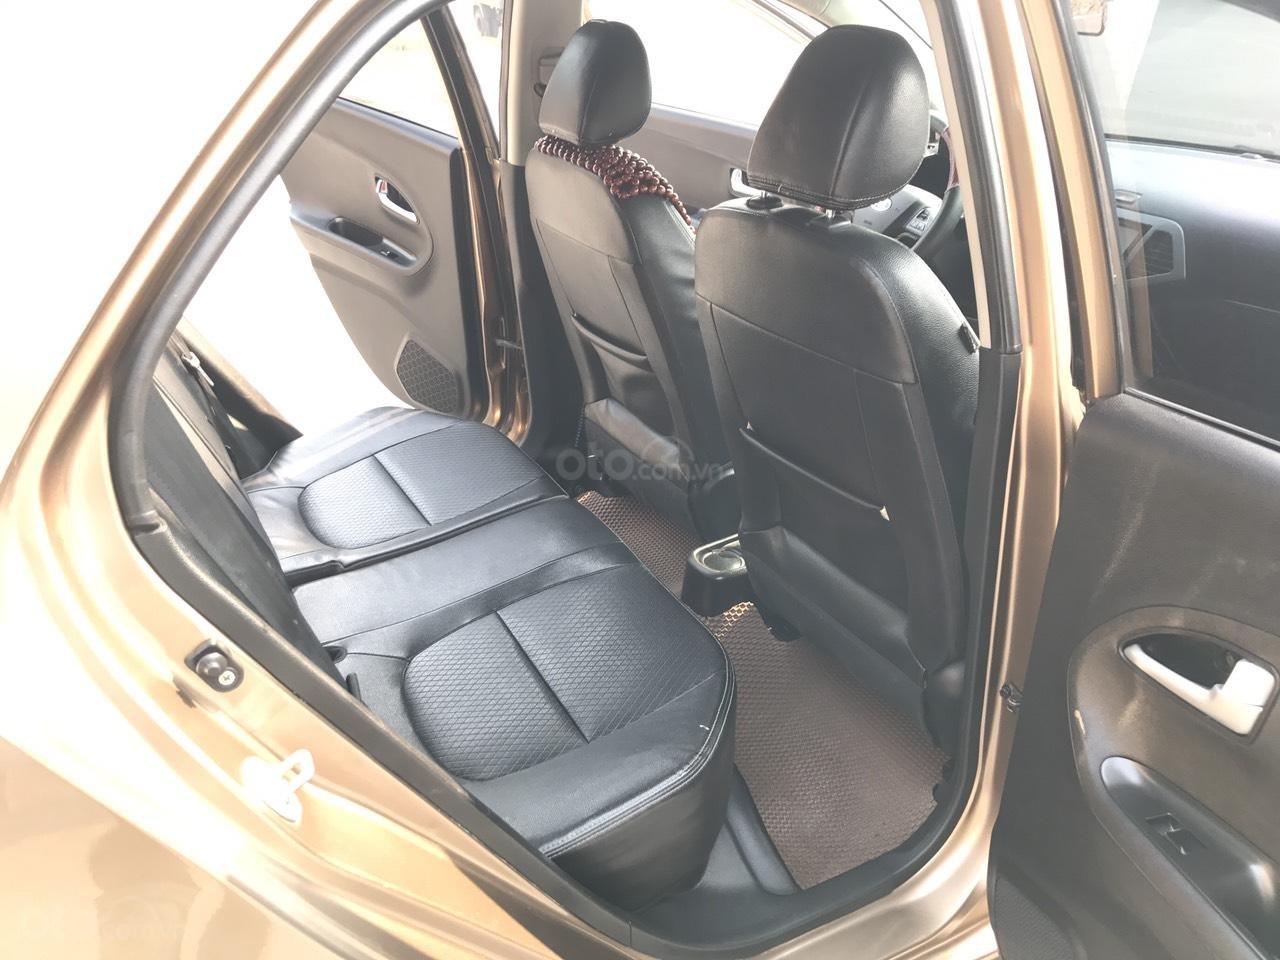 Bán ô tô Kia Morning Sport đời 2011, màu nâu, nhập khẩu, bản full 8 túi khí, đề nồ start, xe tuyển (20)